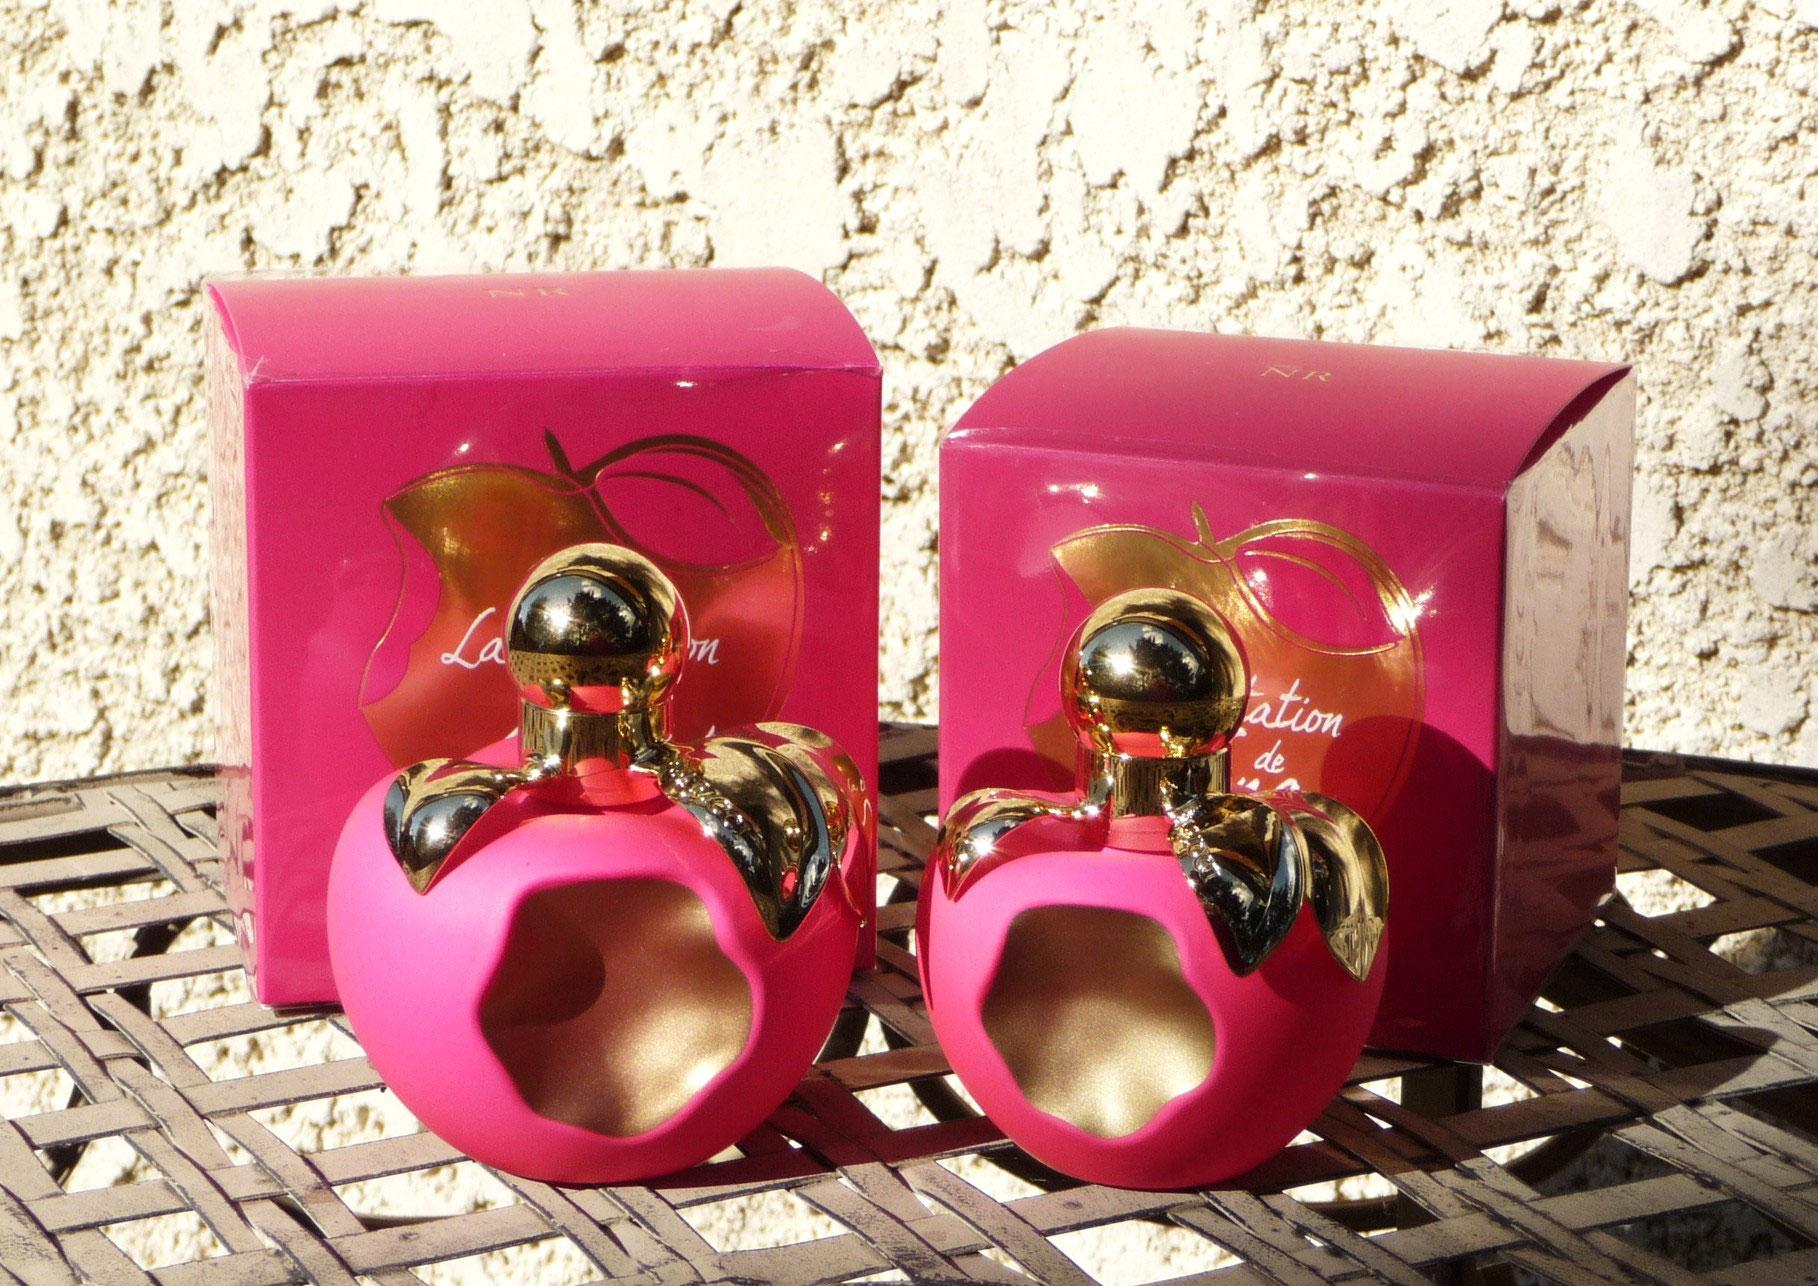 Par Ricci Collectionsautourduparfum Concours Annick Art Nina Fan Rq34Ajc5L